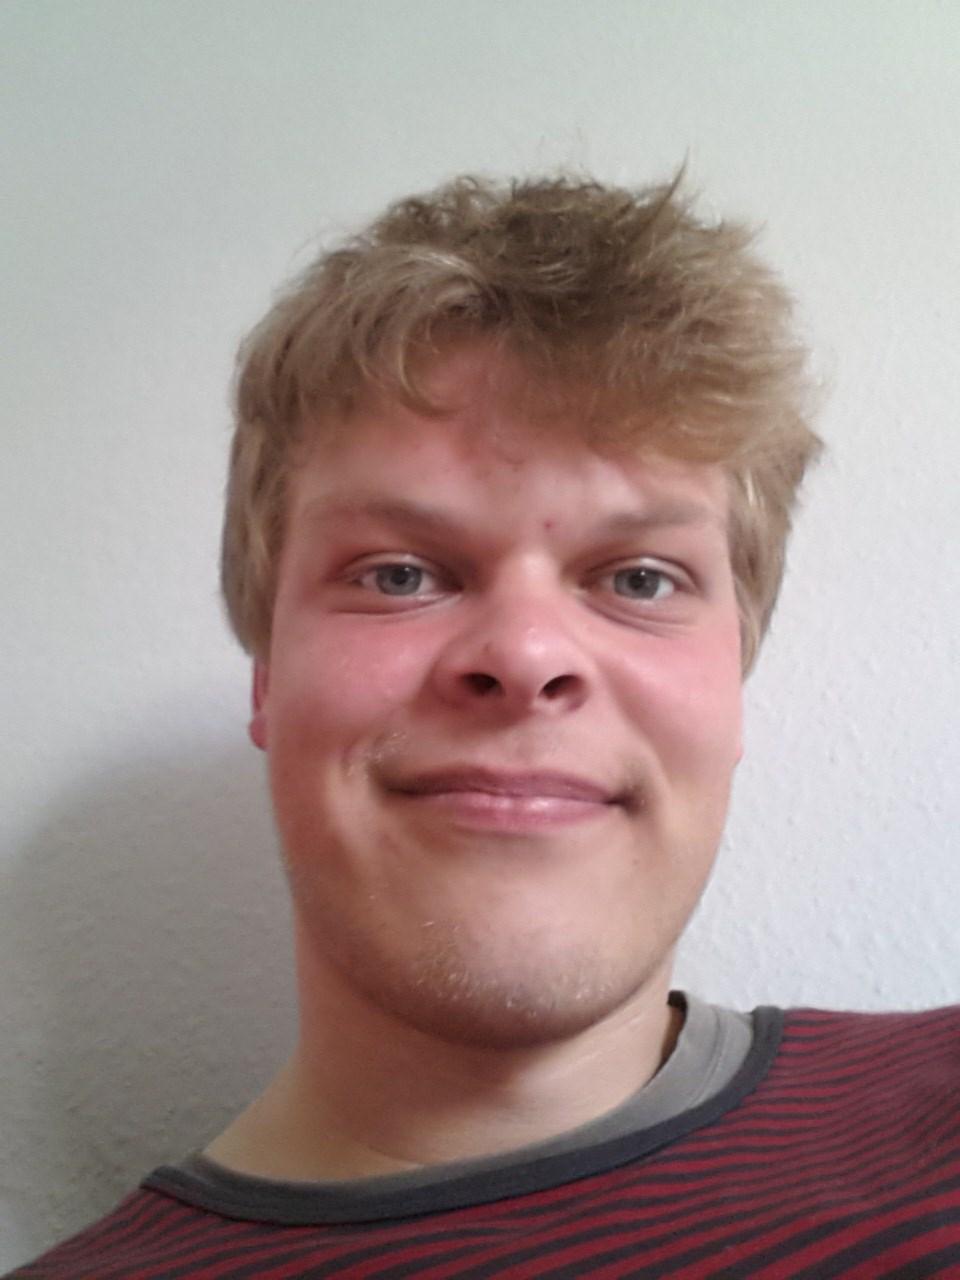 Mads Meier Hansen